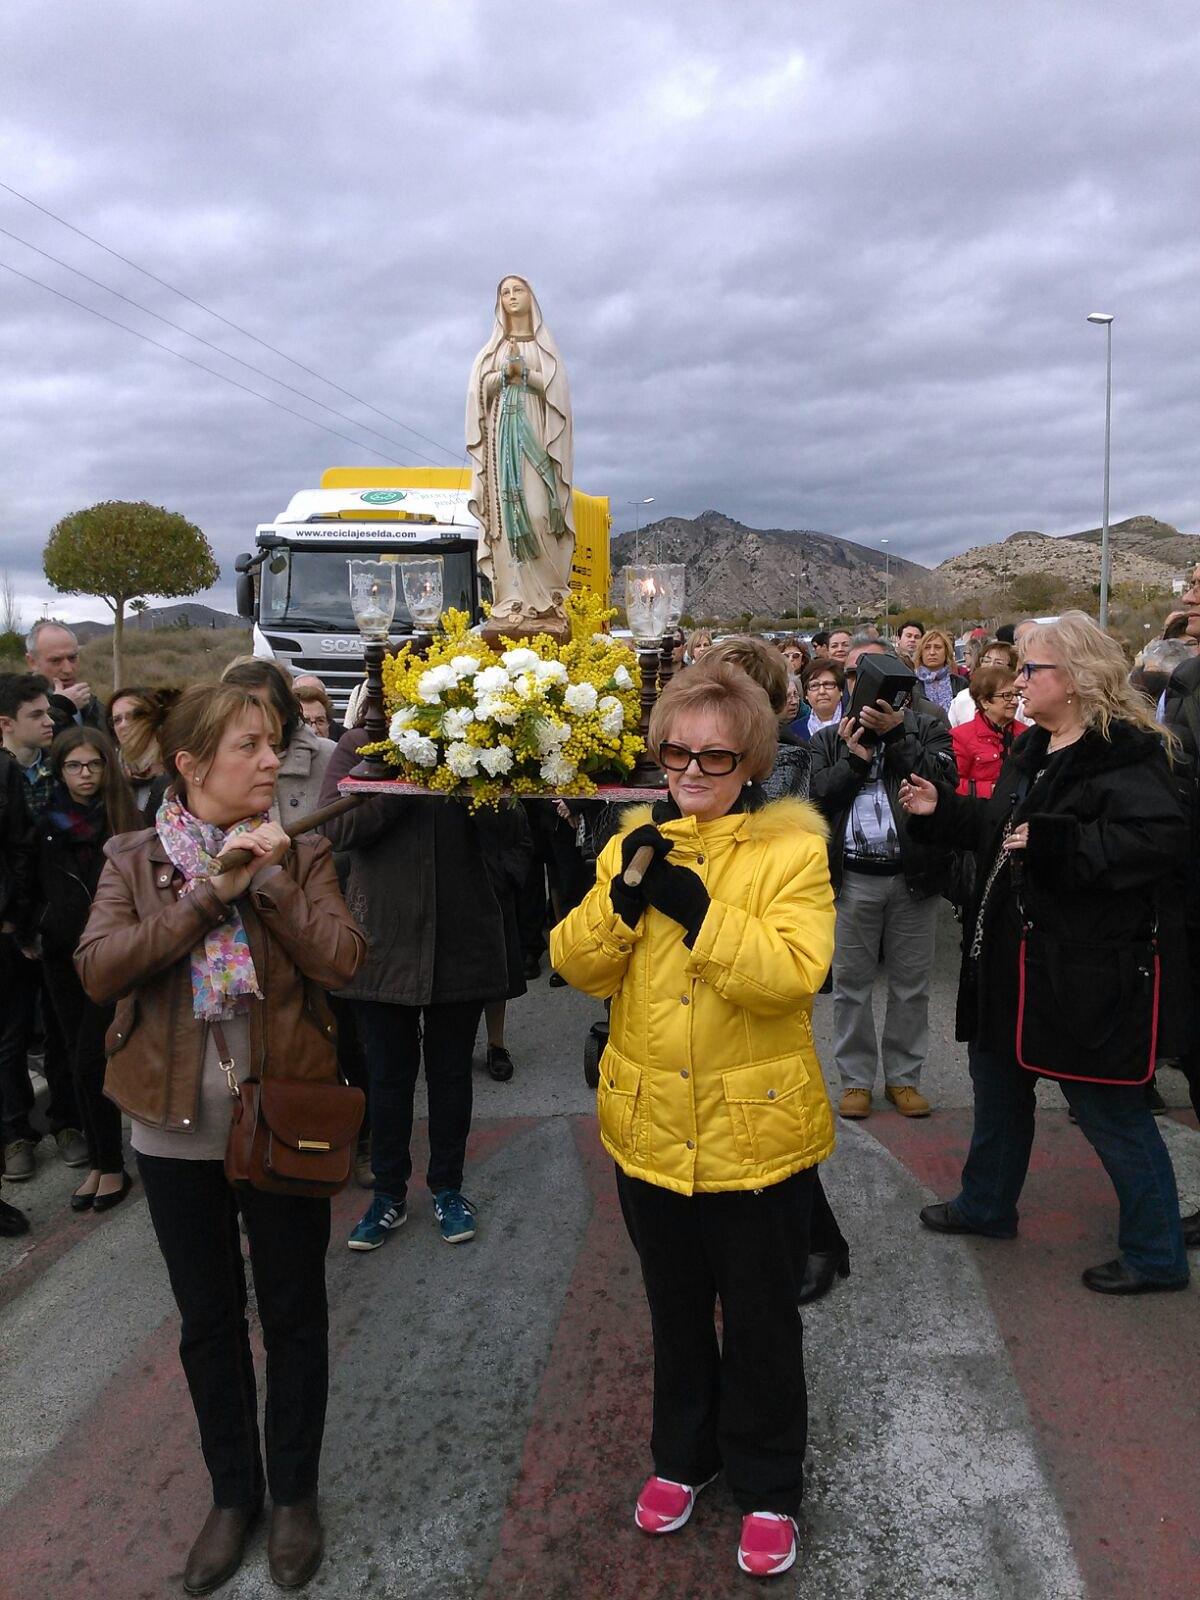 (2016-02-13) - Inauguración Virgen de Lourdes, La Molineta - José Vicente Romero (02)